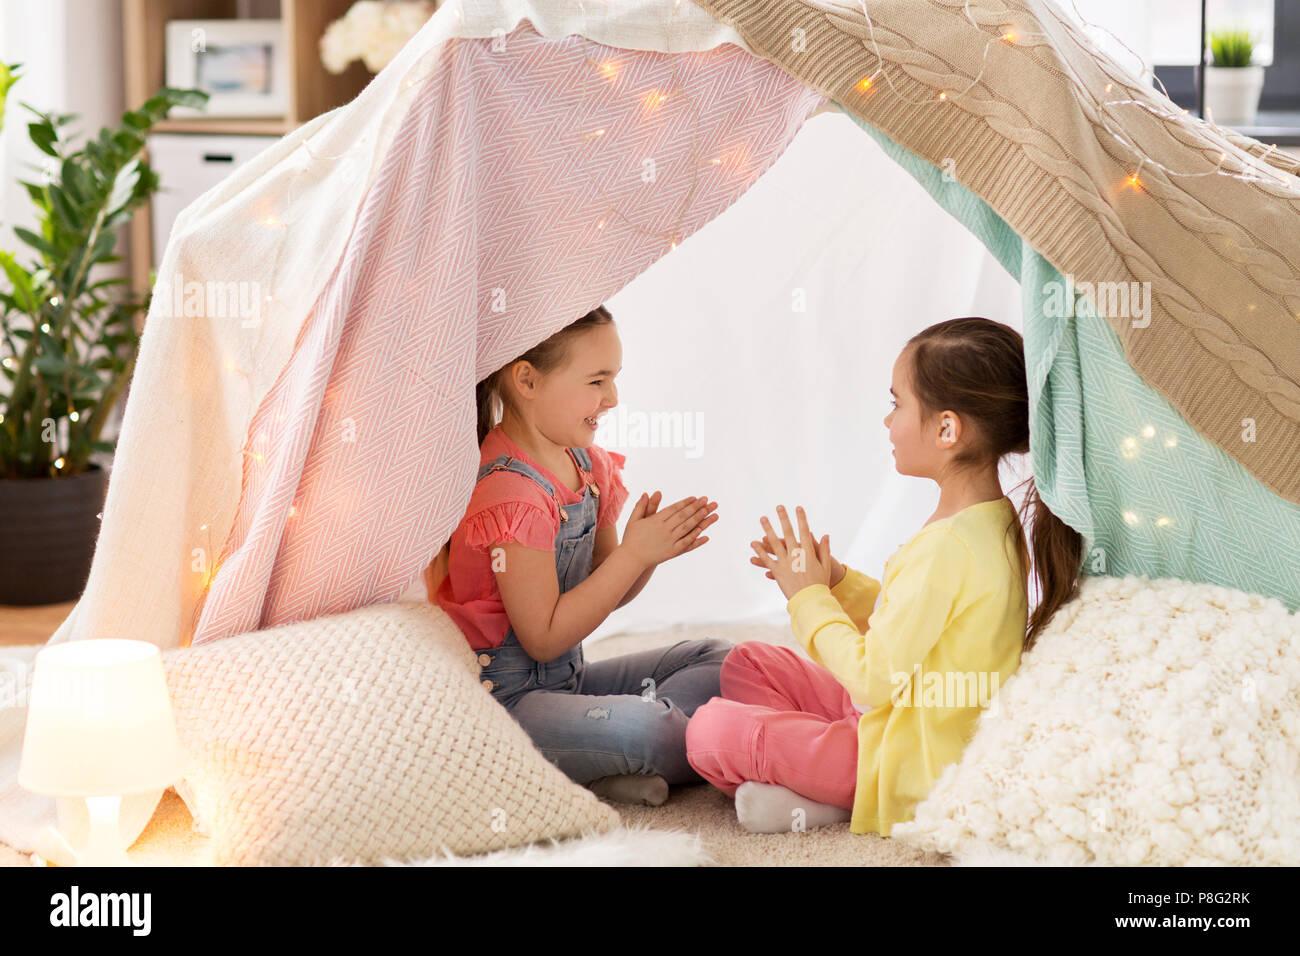 Le ragazze a giocare battendo le mani in gioco bambini tenda a casa